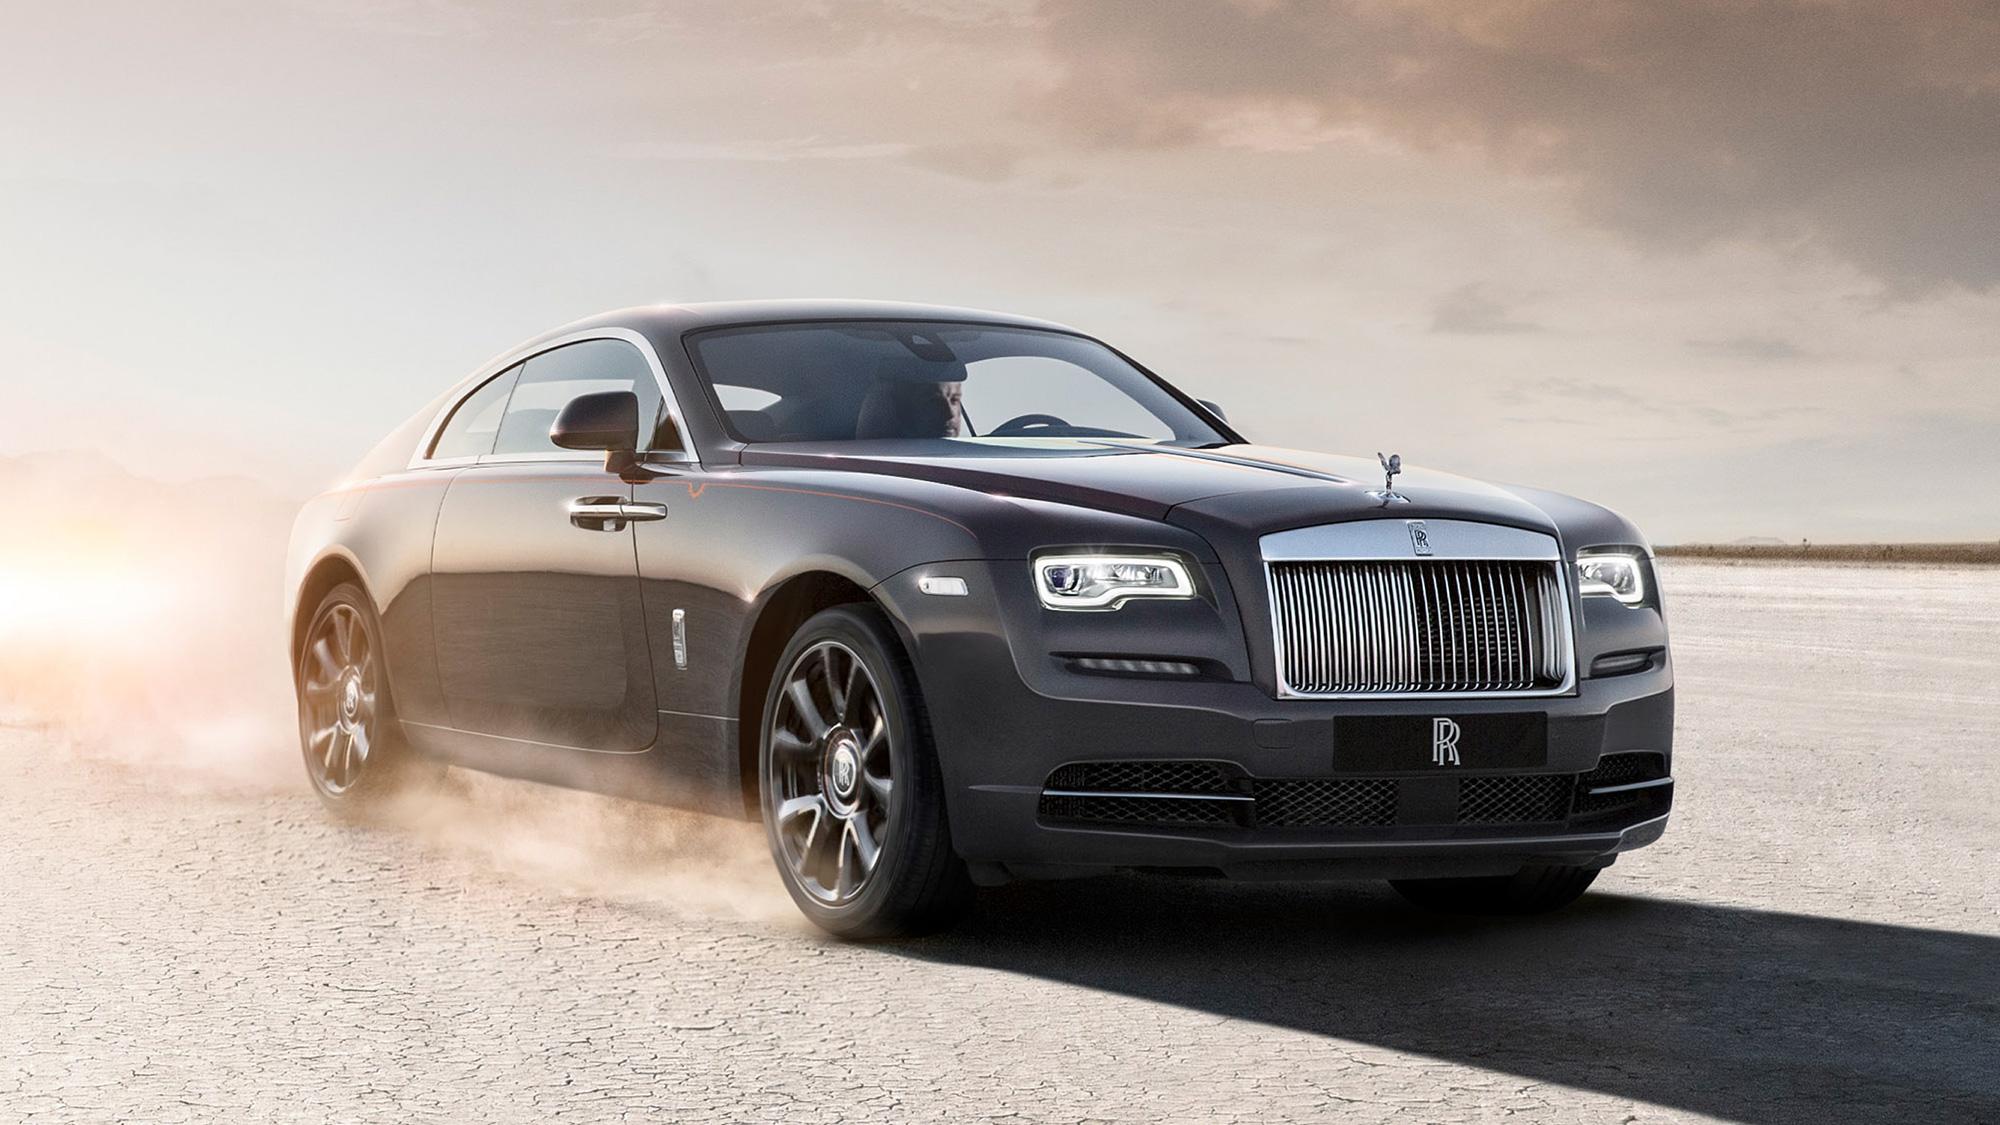 7 項細膩設計,演繹 Rolls-Royce 115 年經典傳奇